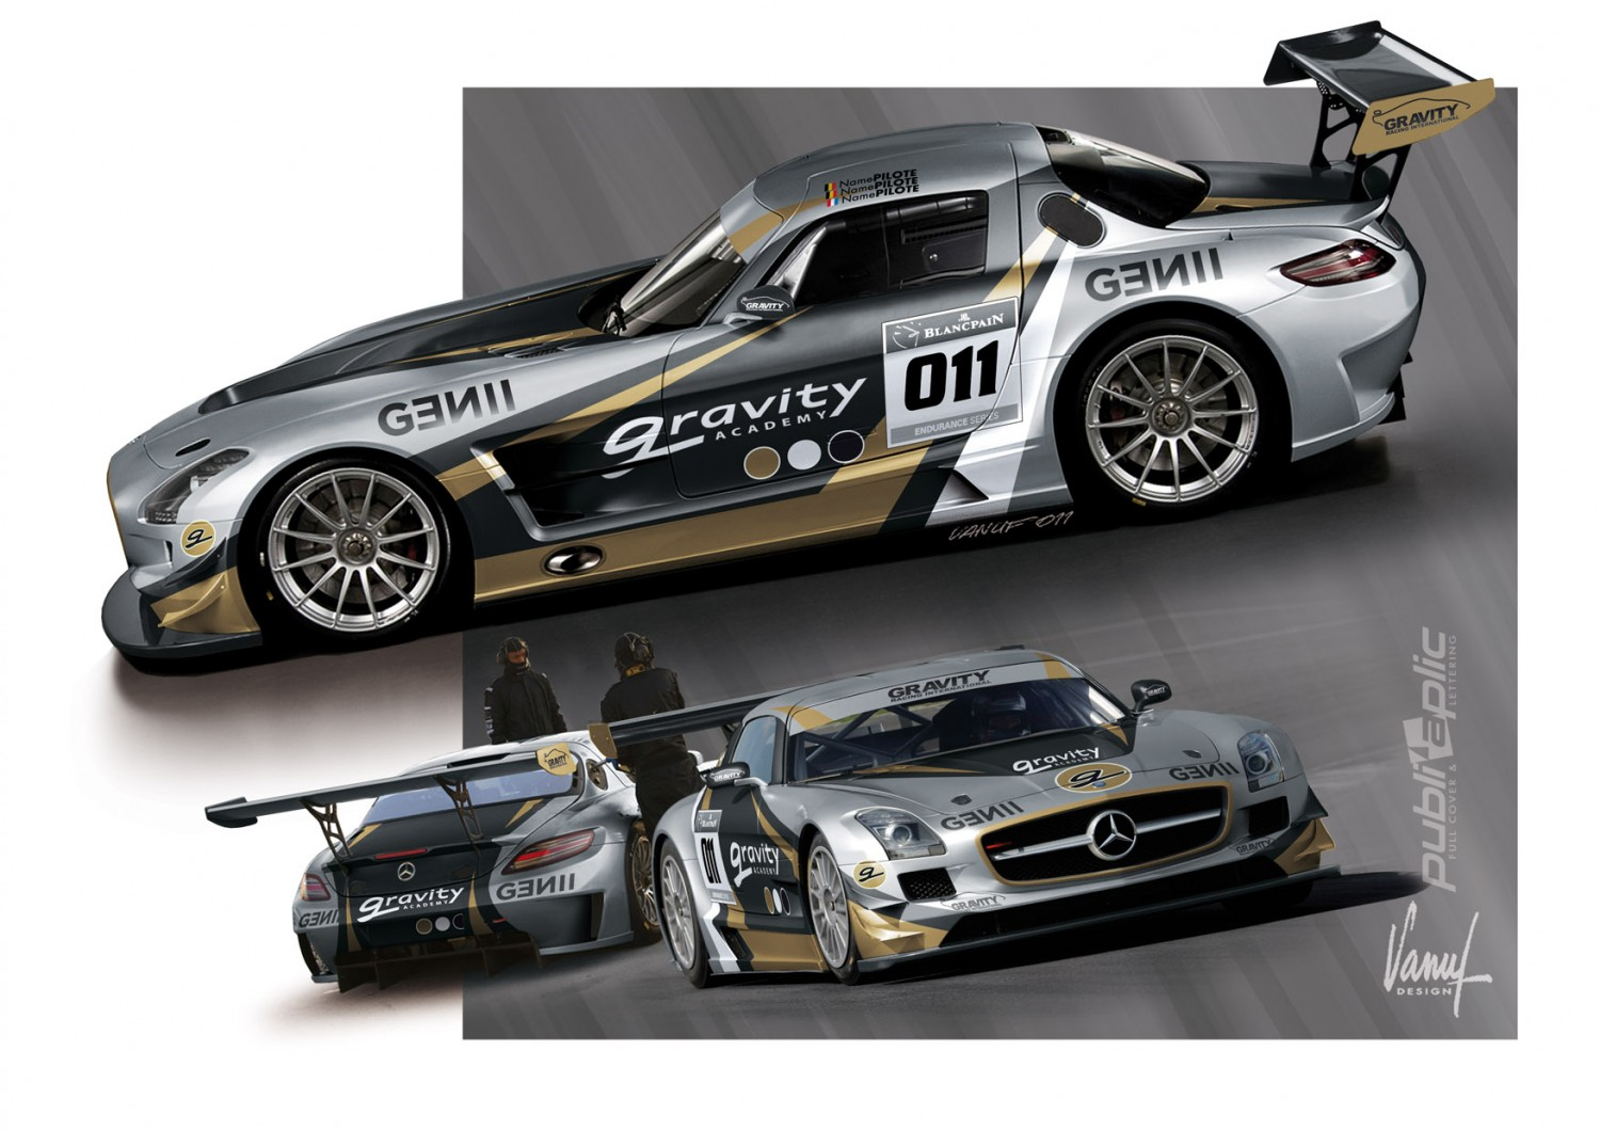 Mercedes SLS GT3 Gravity Racing for sale